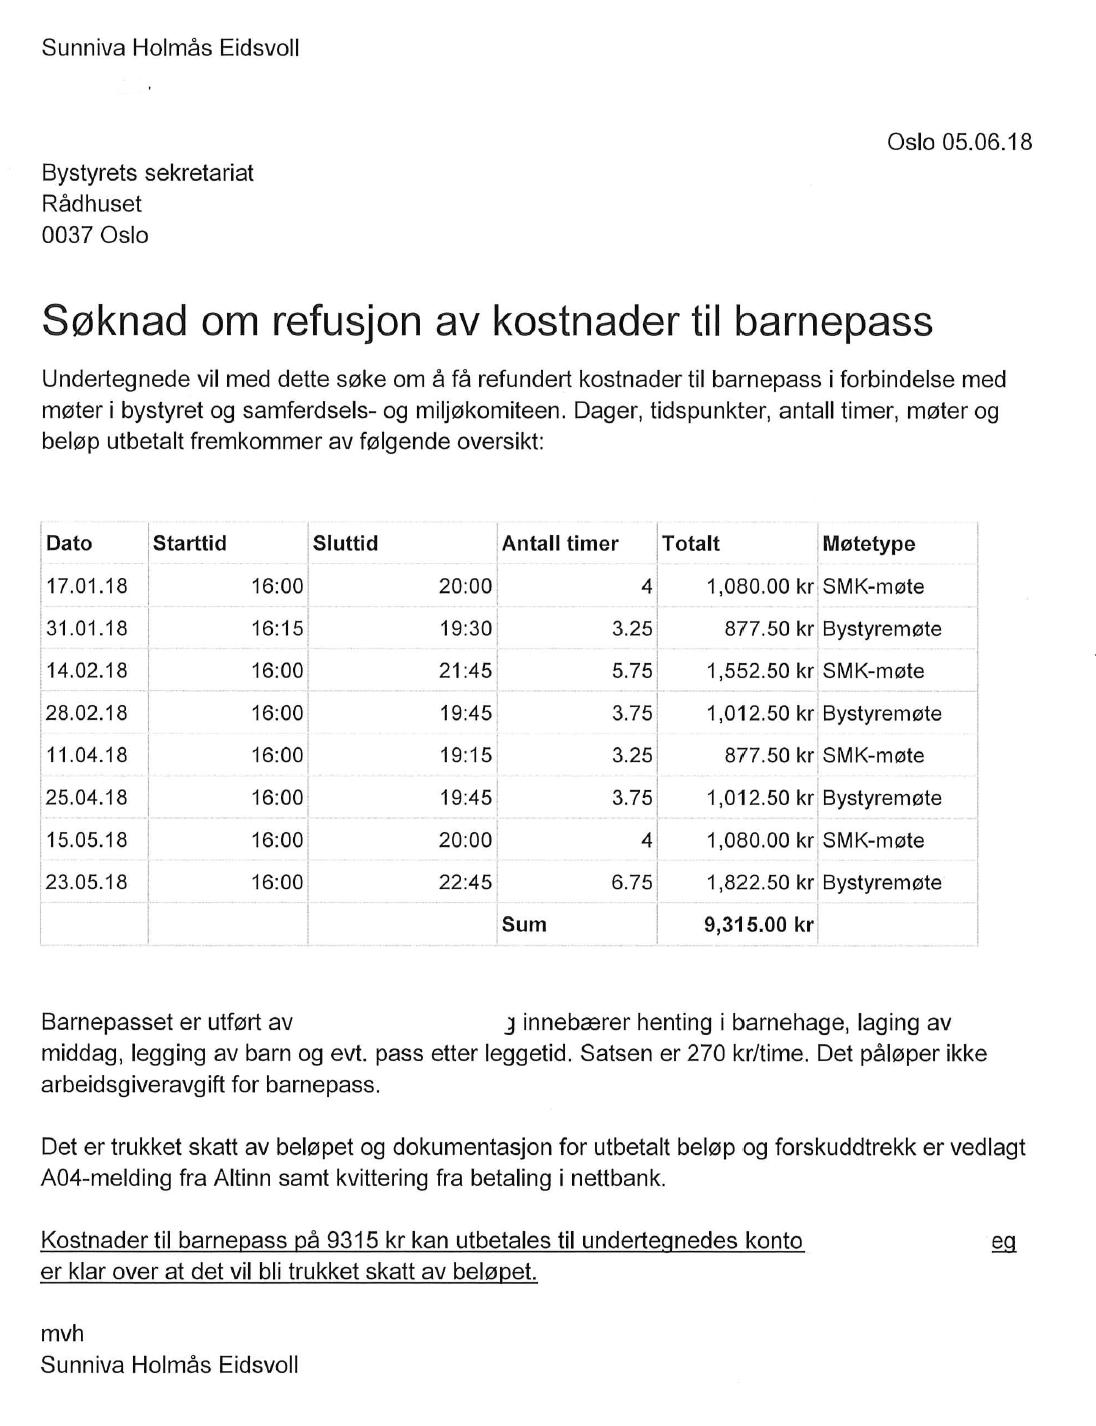 Skjermbilde 2019-06-06 kl. 16.44.41.png